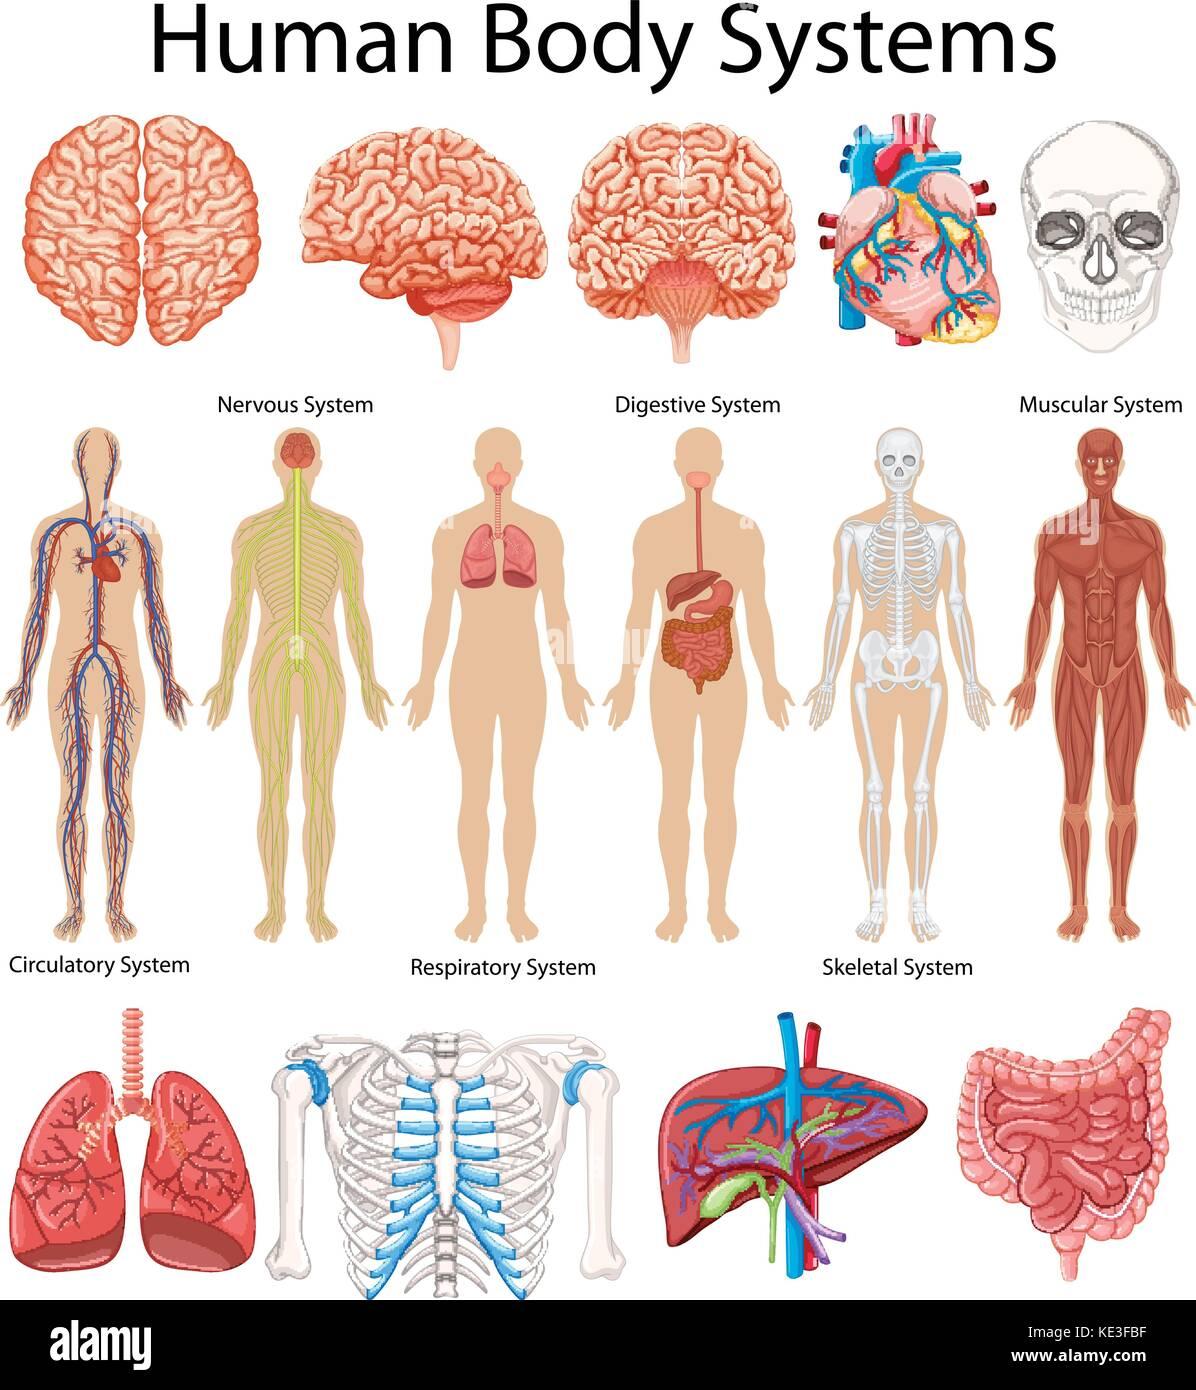 Diagramm mit menschlichen Körper Systeme Abbildung Vektor Abbildung ...